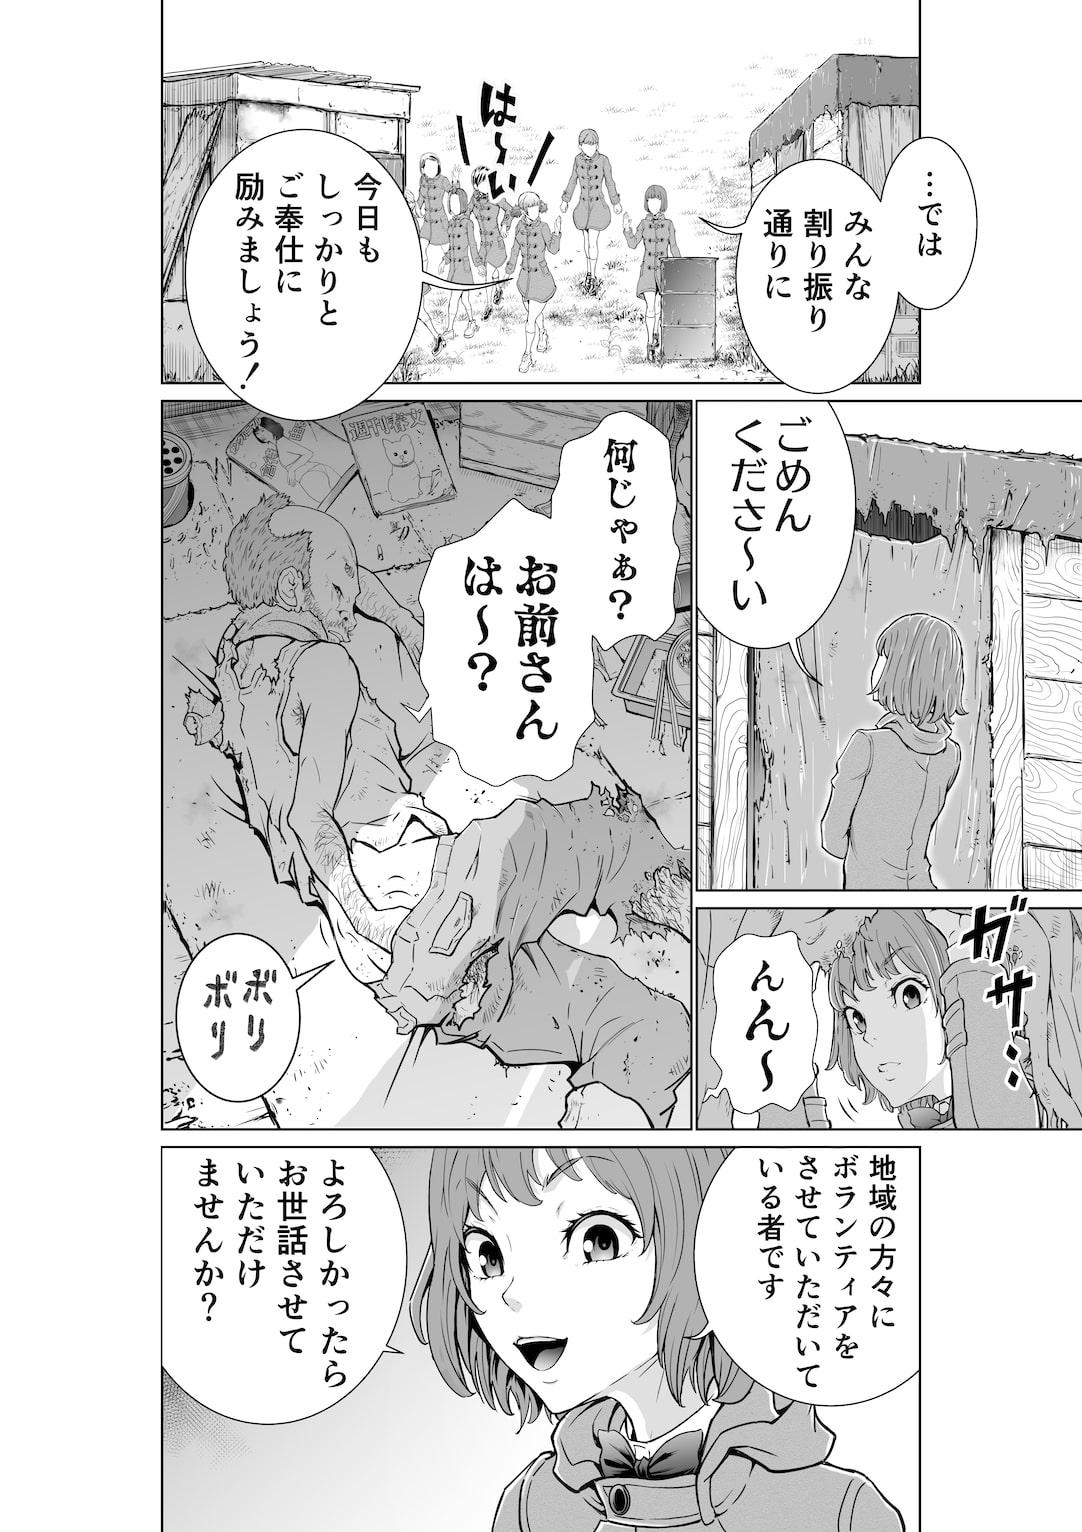 RJ323988 こちら 放課後ご奉仕クラブ活動日誌 [20210501]